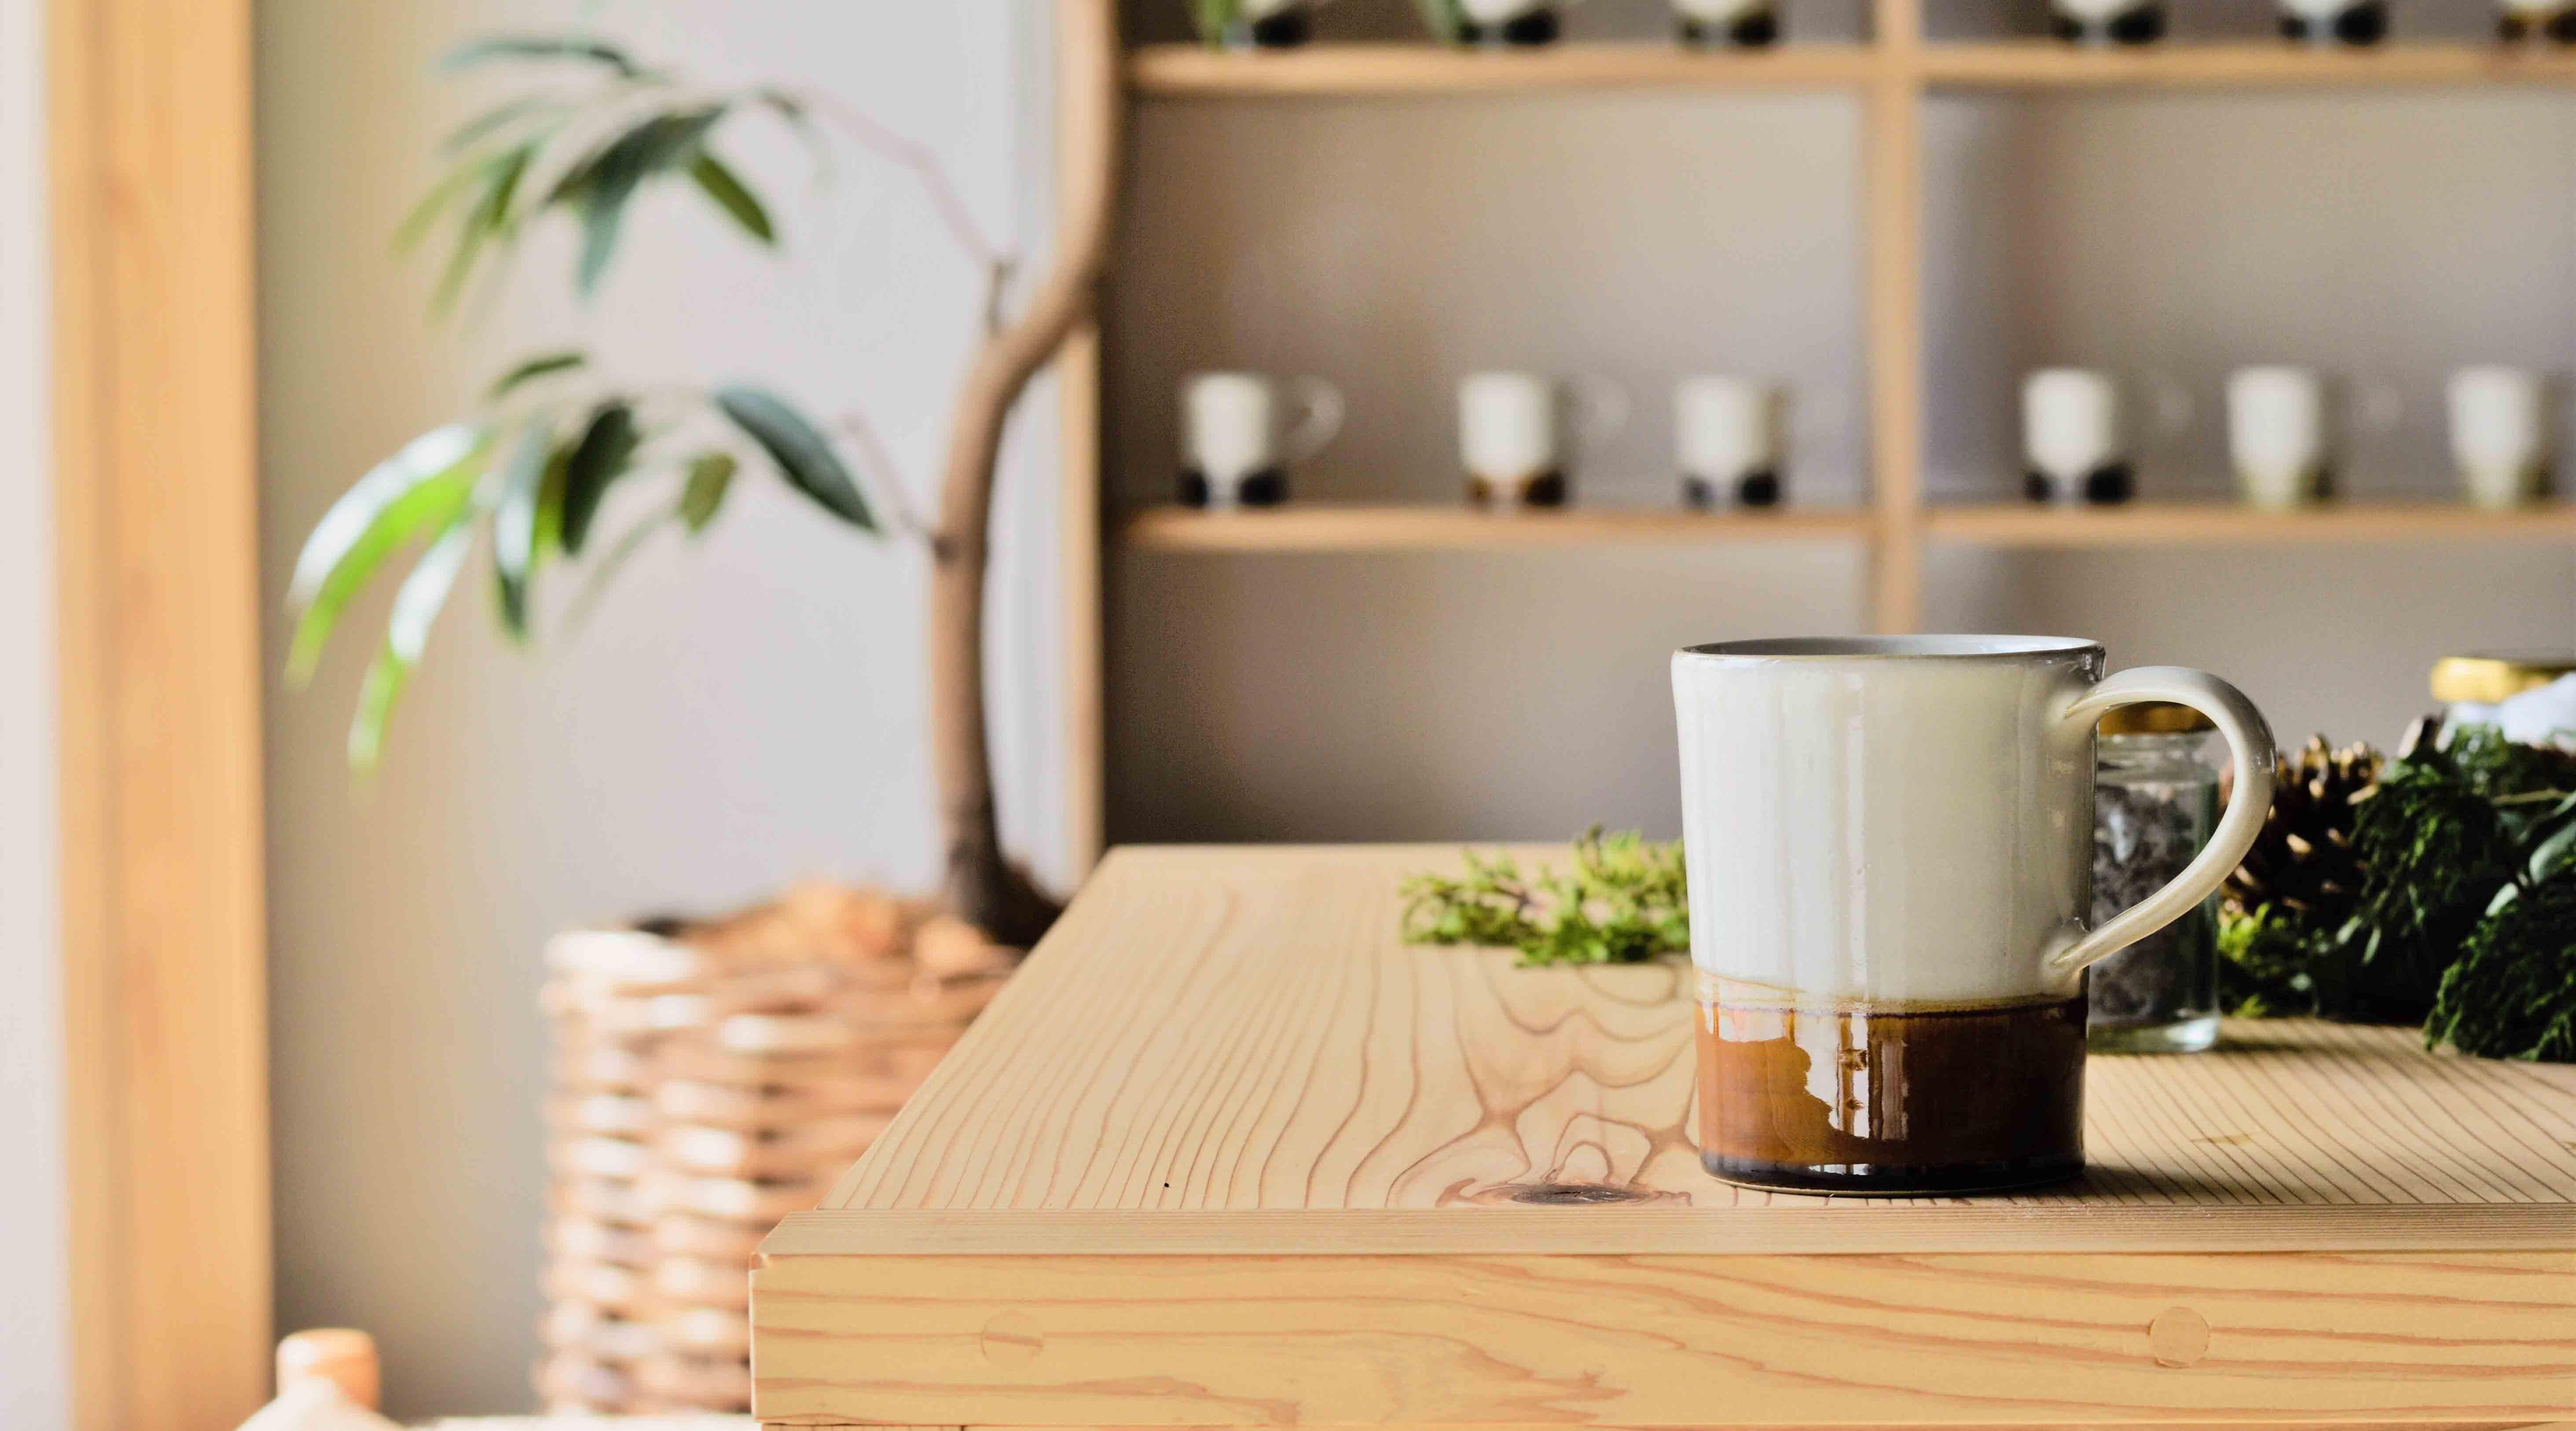 沖繩 Collection Yuimaru 沖繩本店-琉球 Serumama 陶器系列